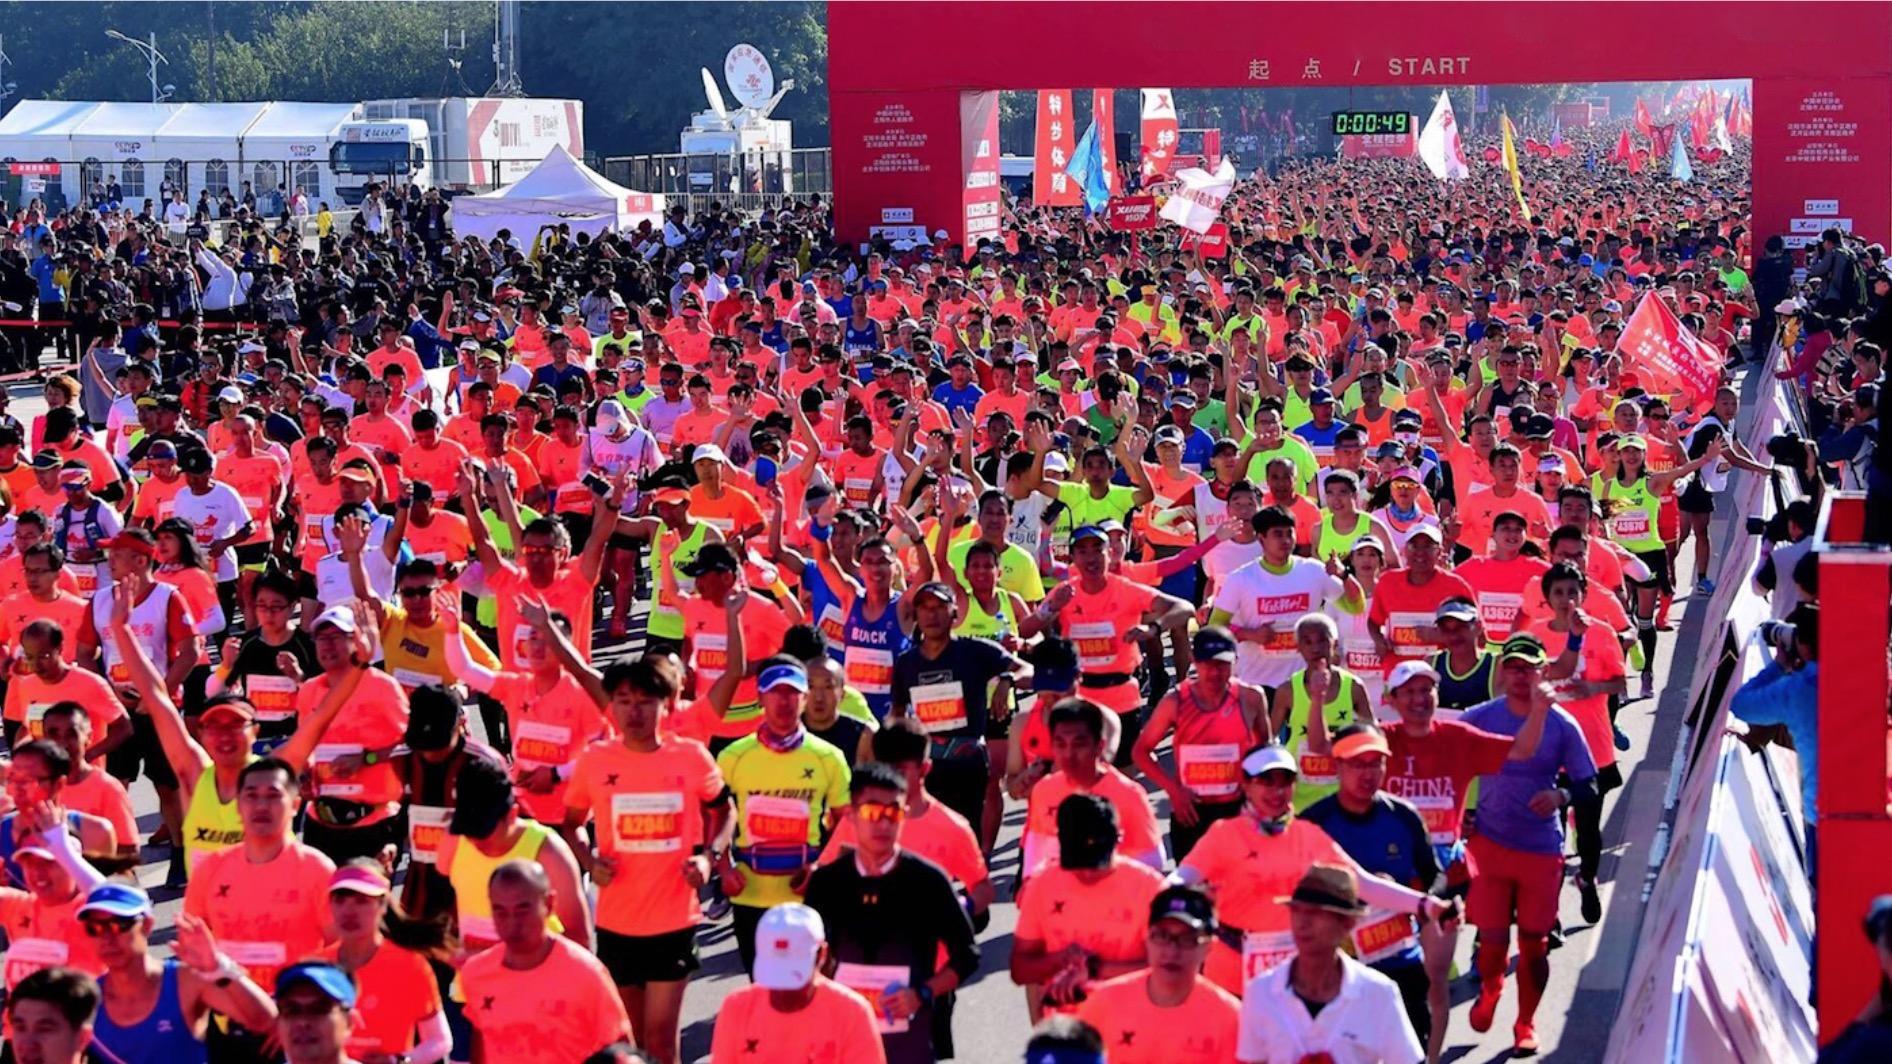 万达体育获沈阳国际马拉松运营权